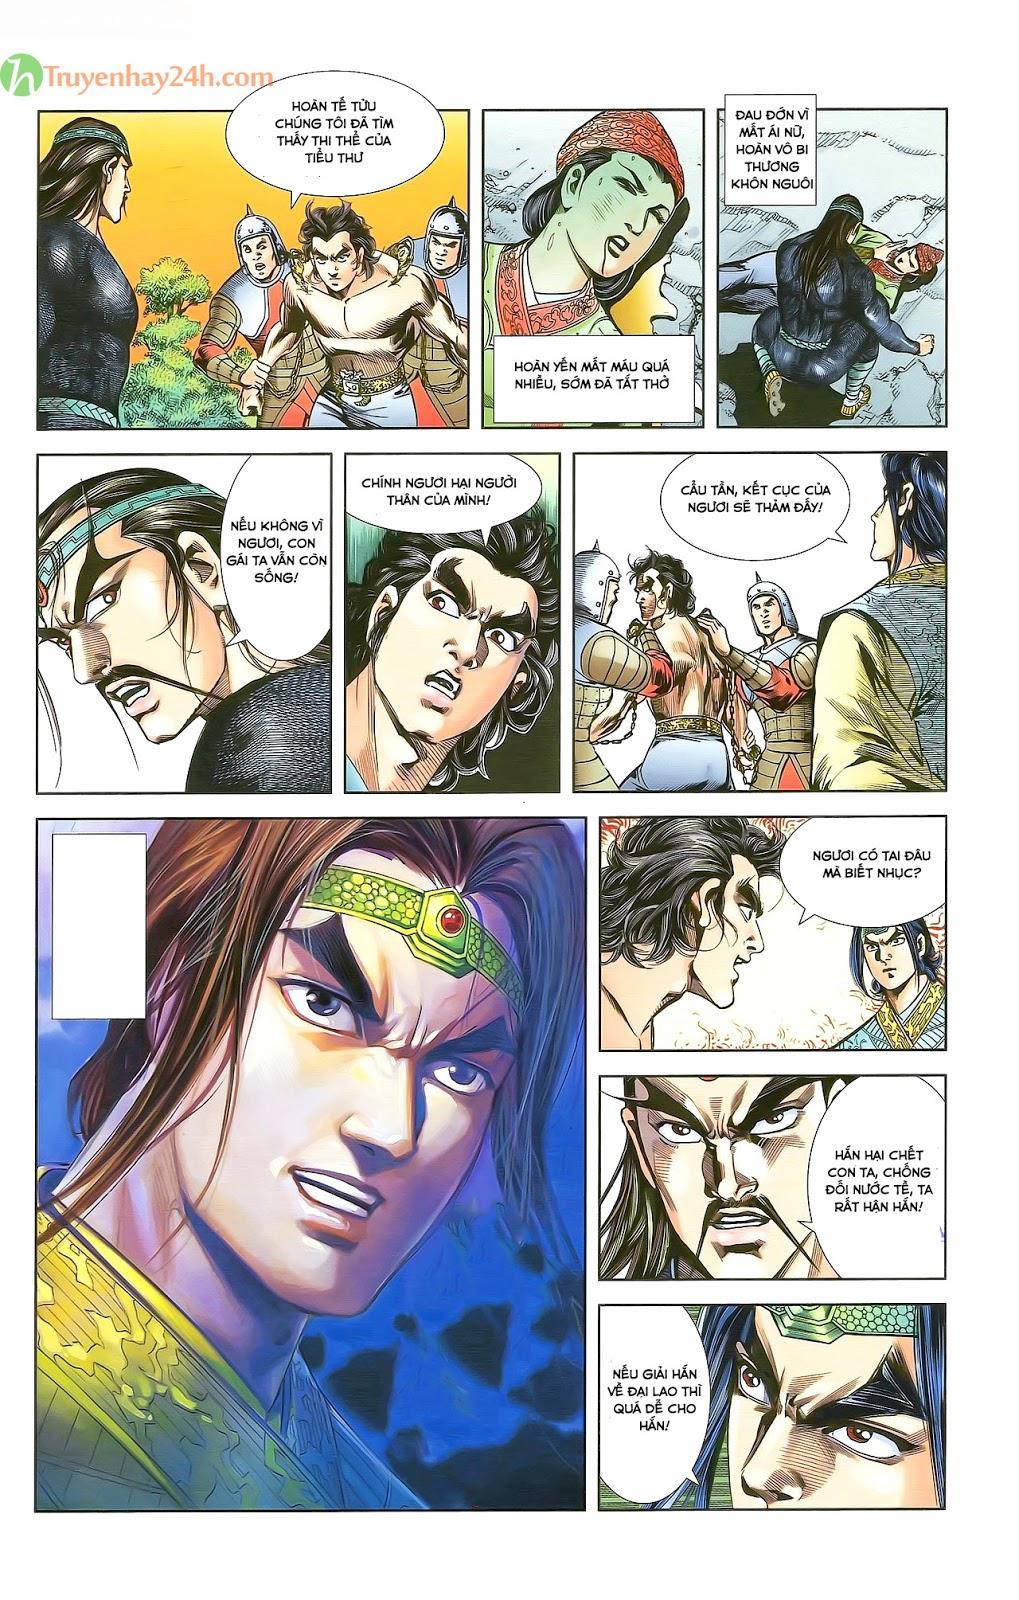 Tần Vương Doanh Chính chapter 28 trang 18